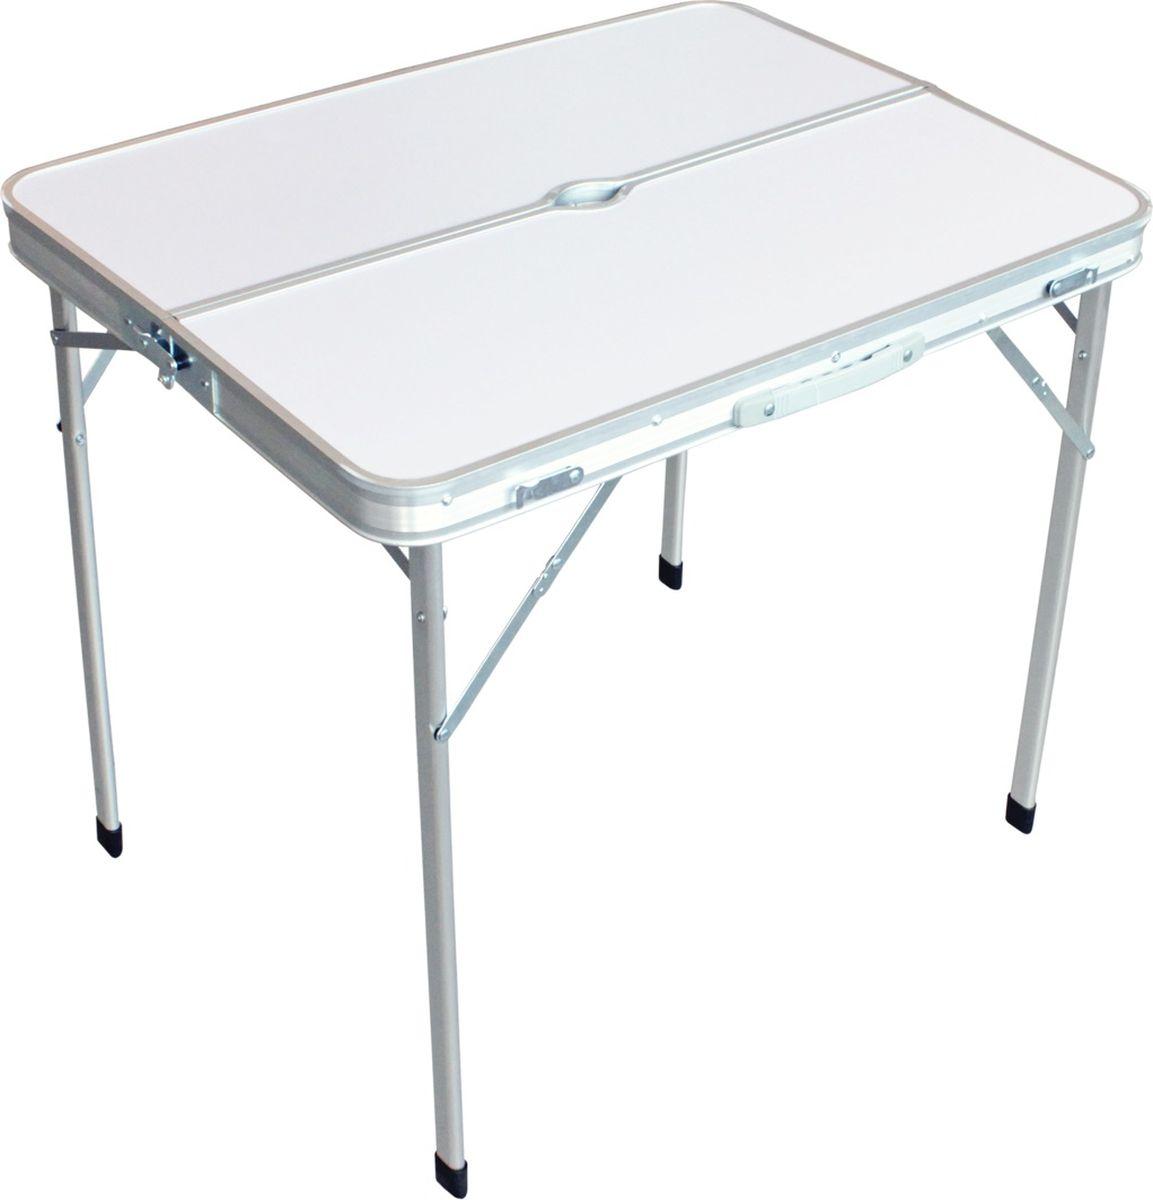 Стол складной Woodland  Picnic Table Luxe , цвет: белый, 80 x 60 x 67 см - Складная и надувная мебель